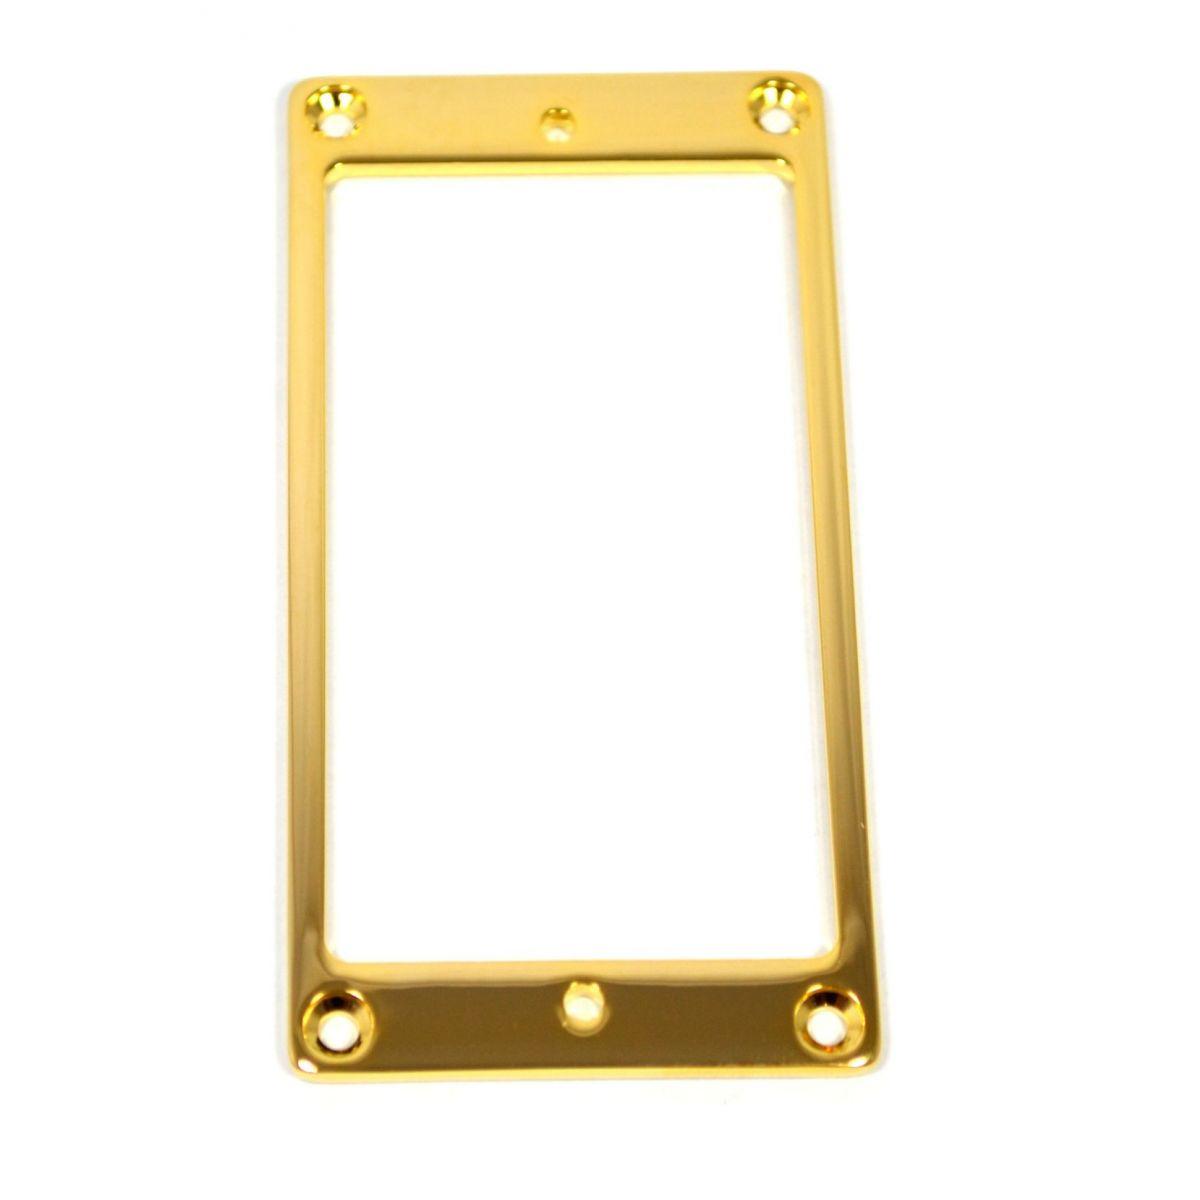 Moldura dourada de metal para captador humbucker - Sung Il (PR 8945)  - Luthieria Brasil